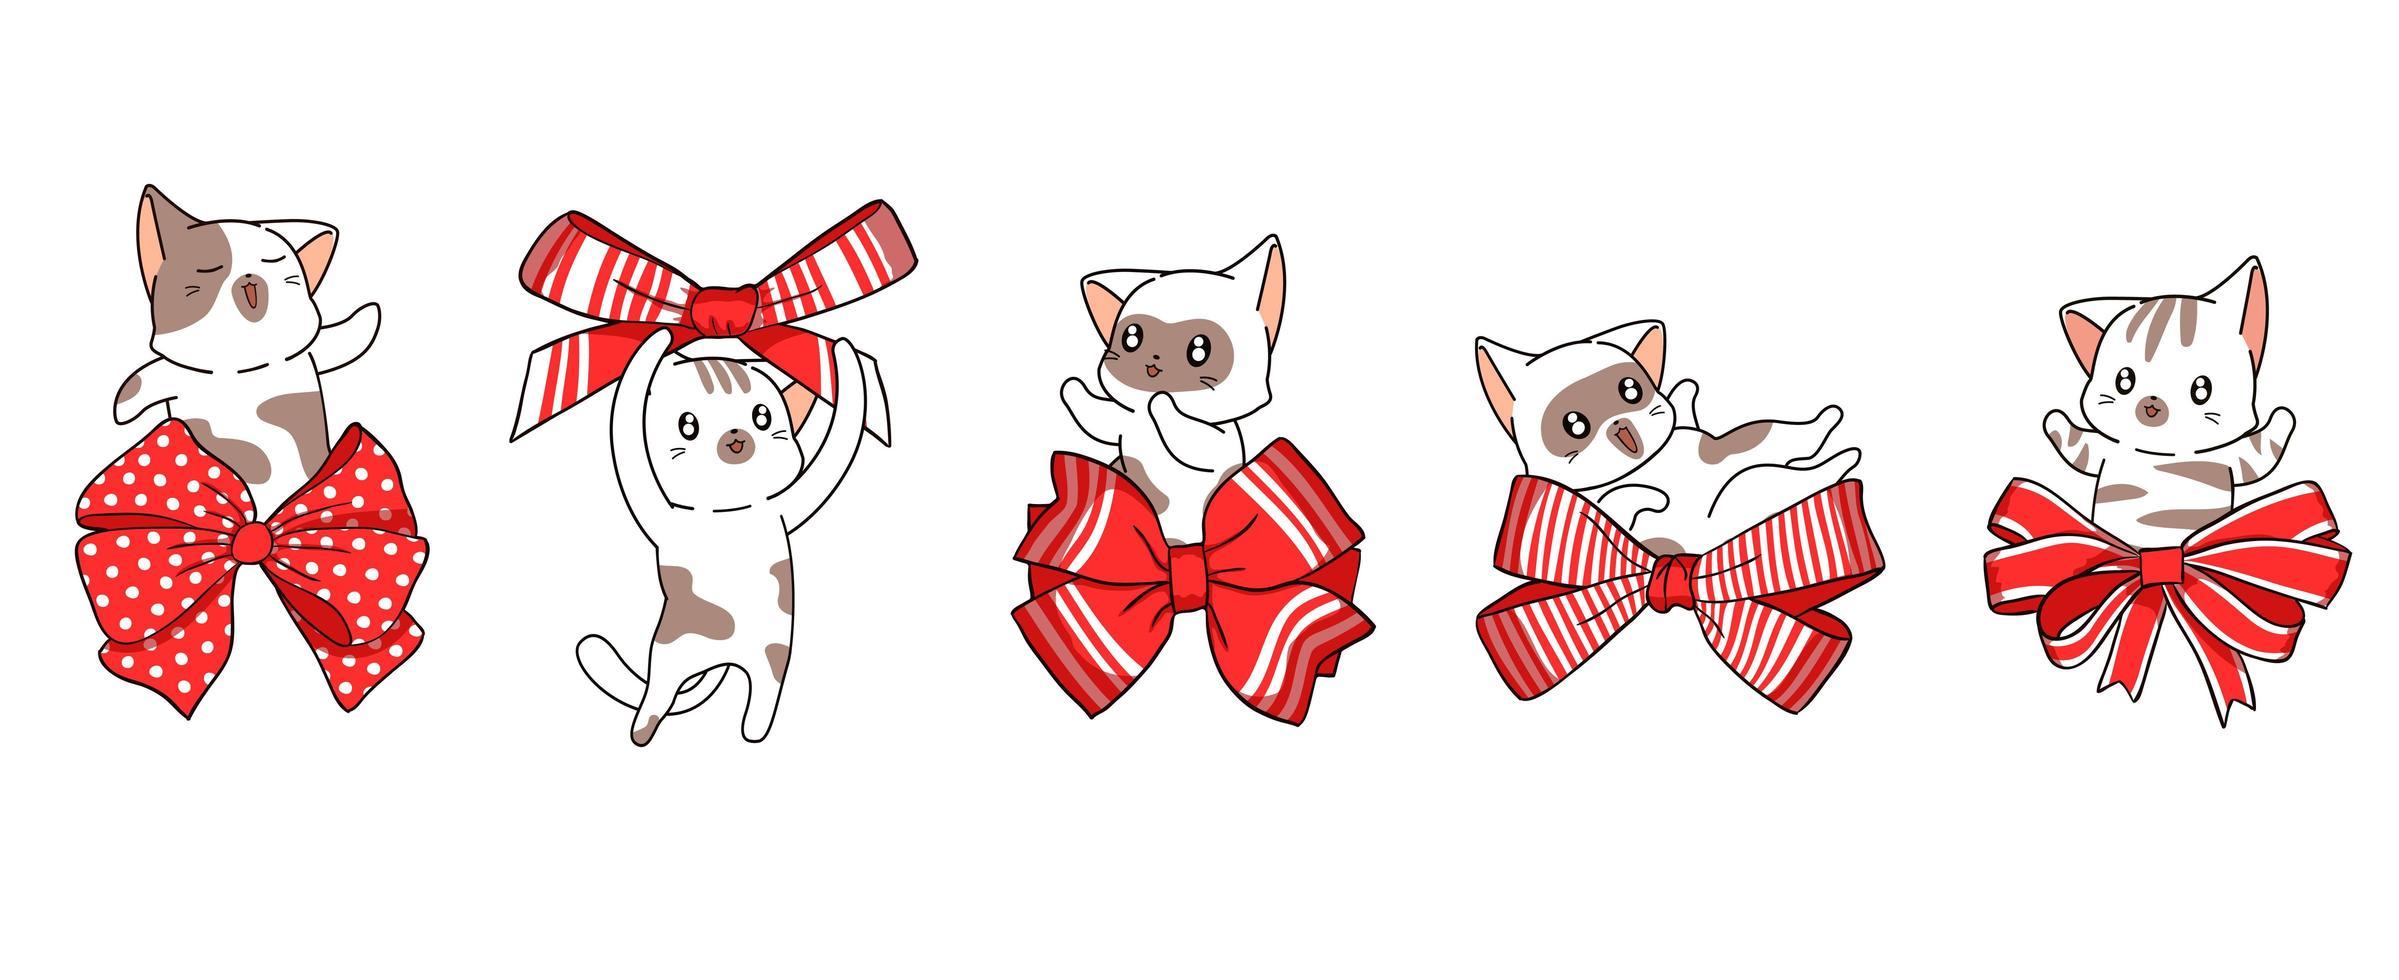 5 gatos com laços vermelhos vetor